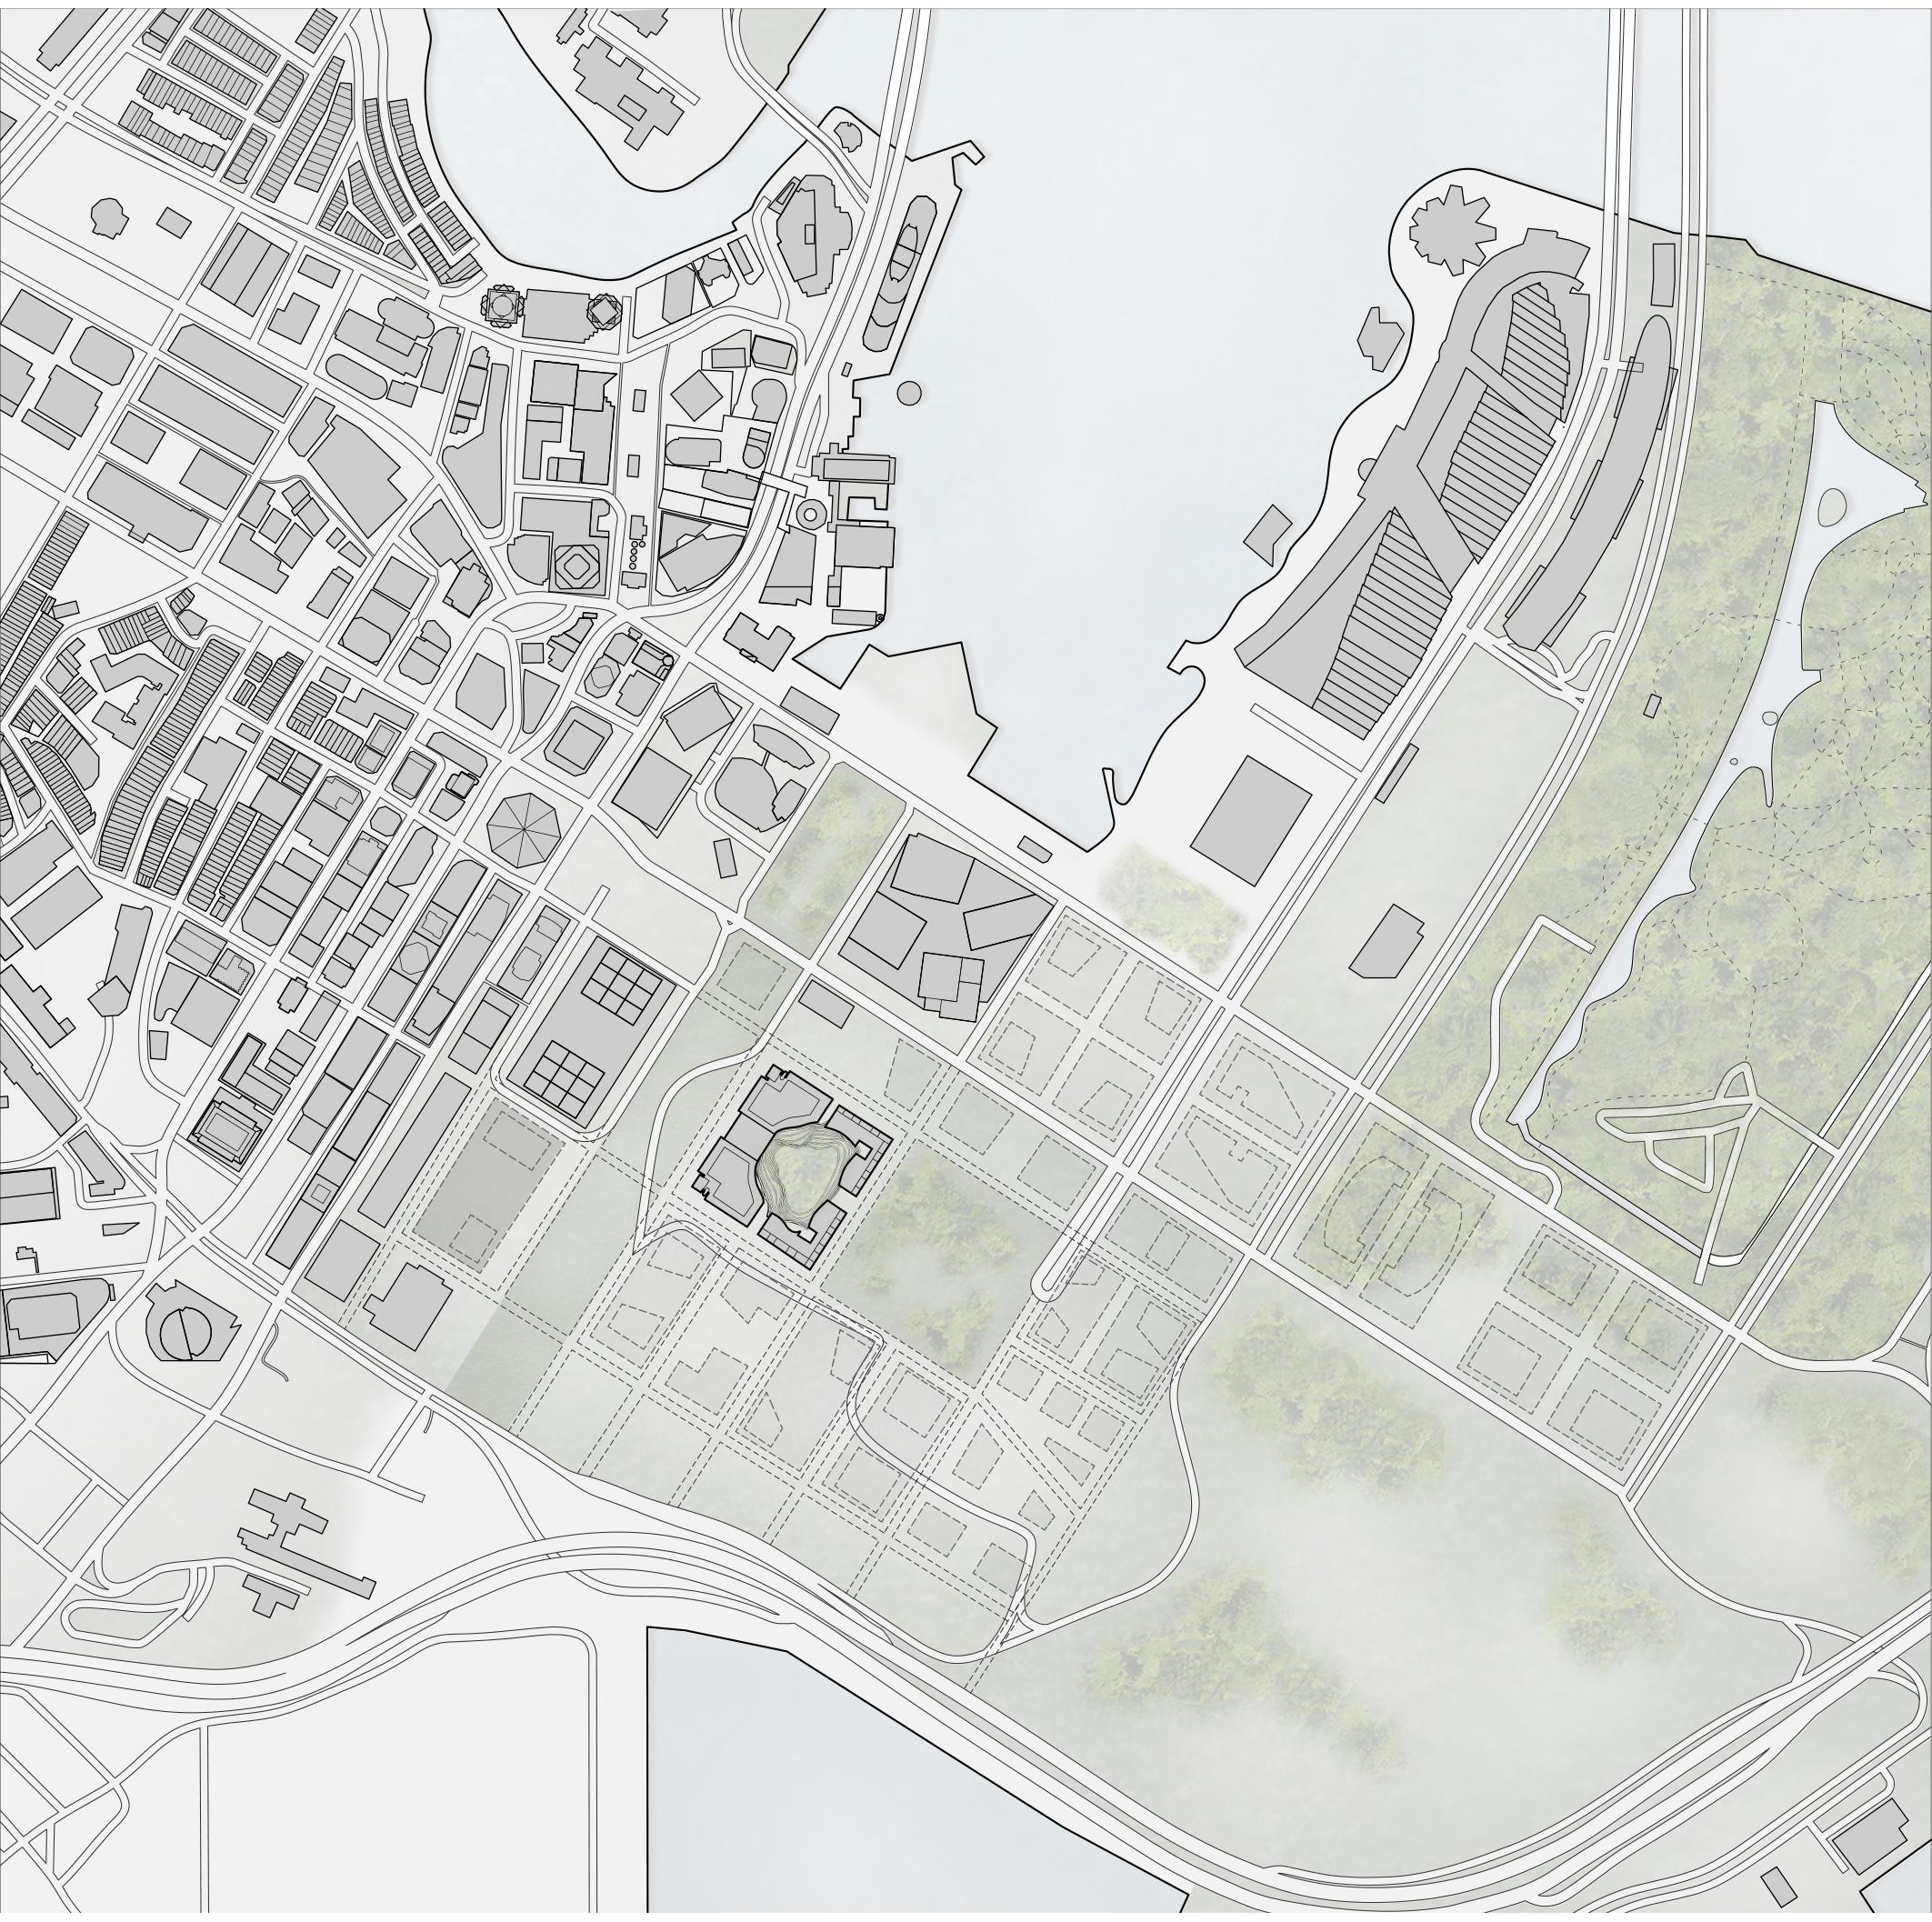 <p>Rond de locatie komt een gebied met grote blokken tot ontwikkeling</p>